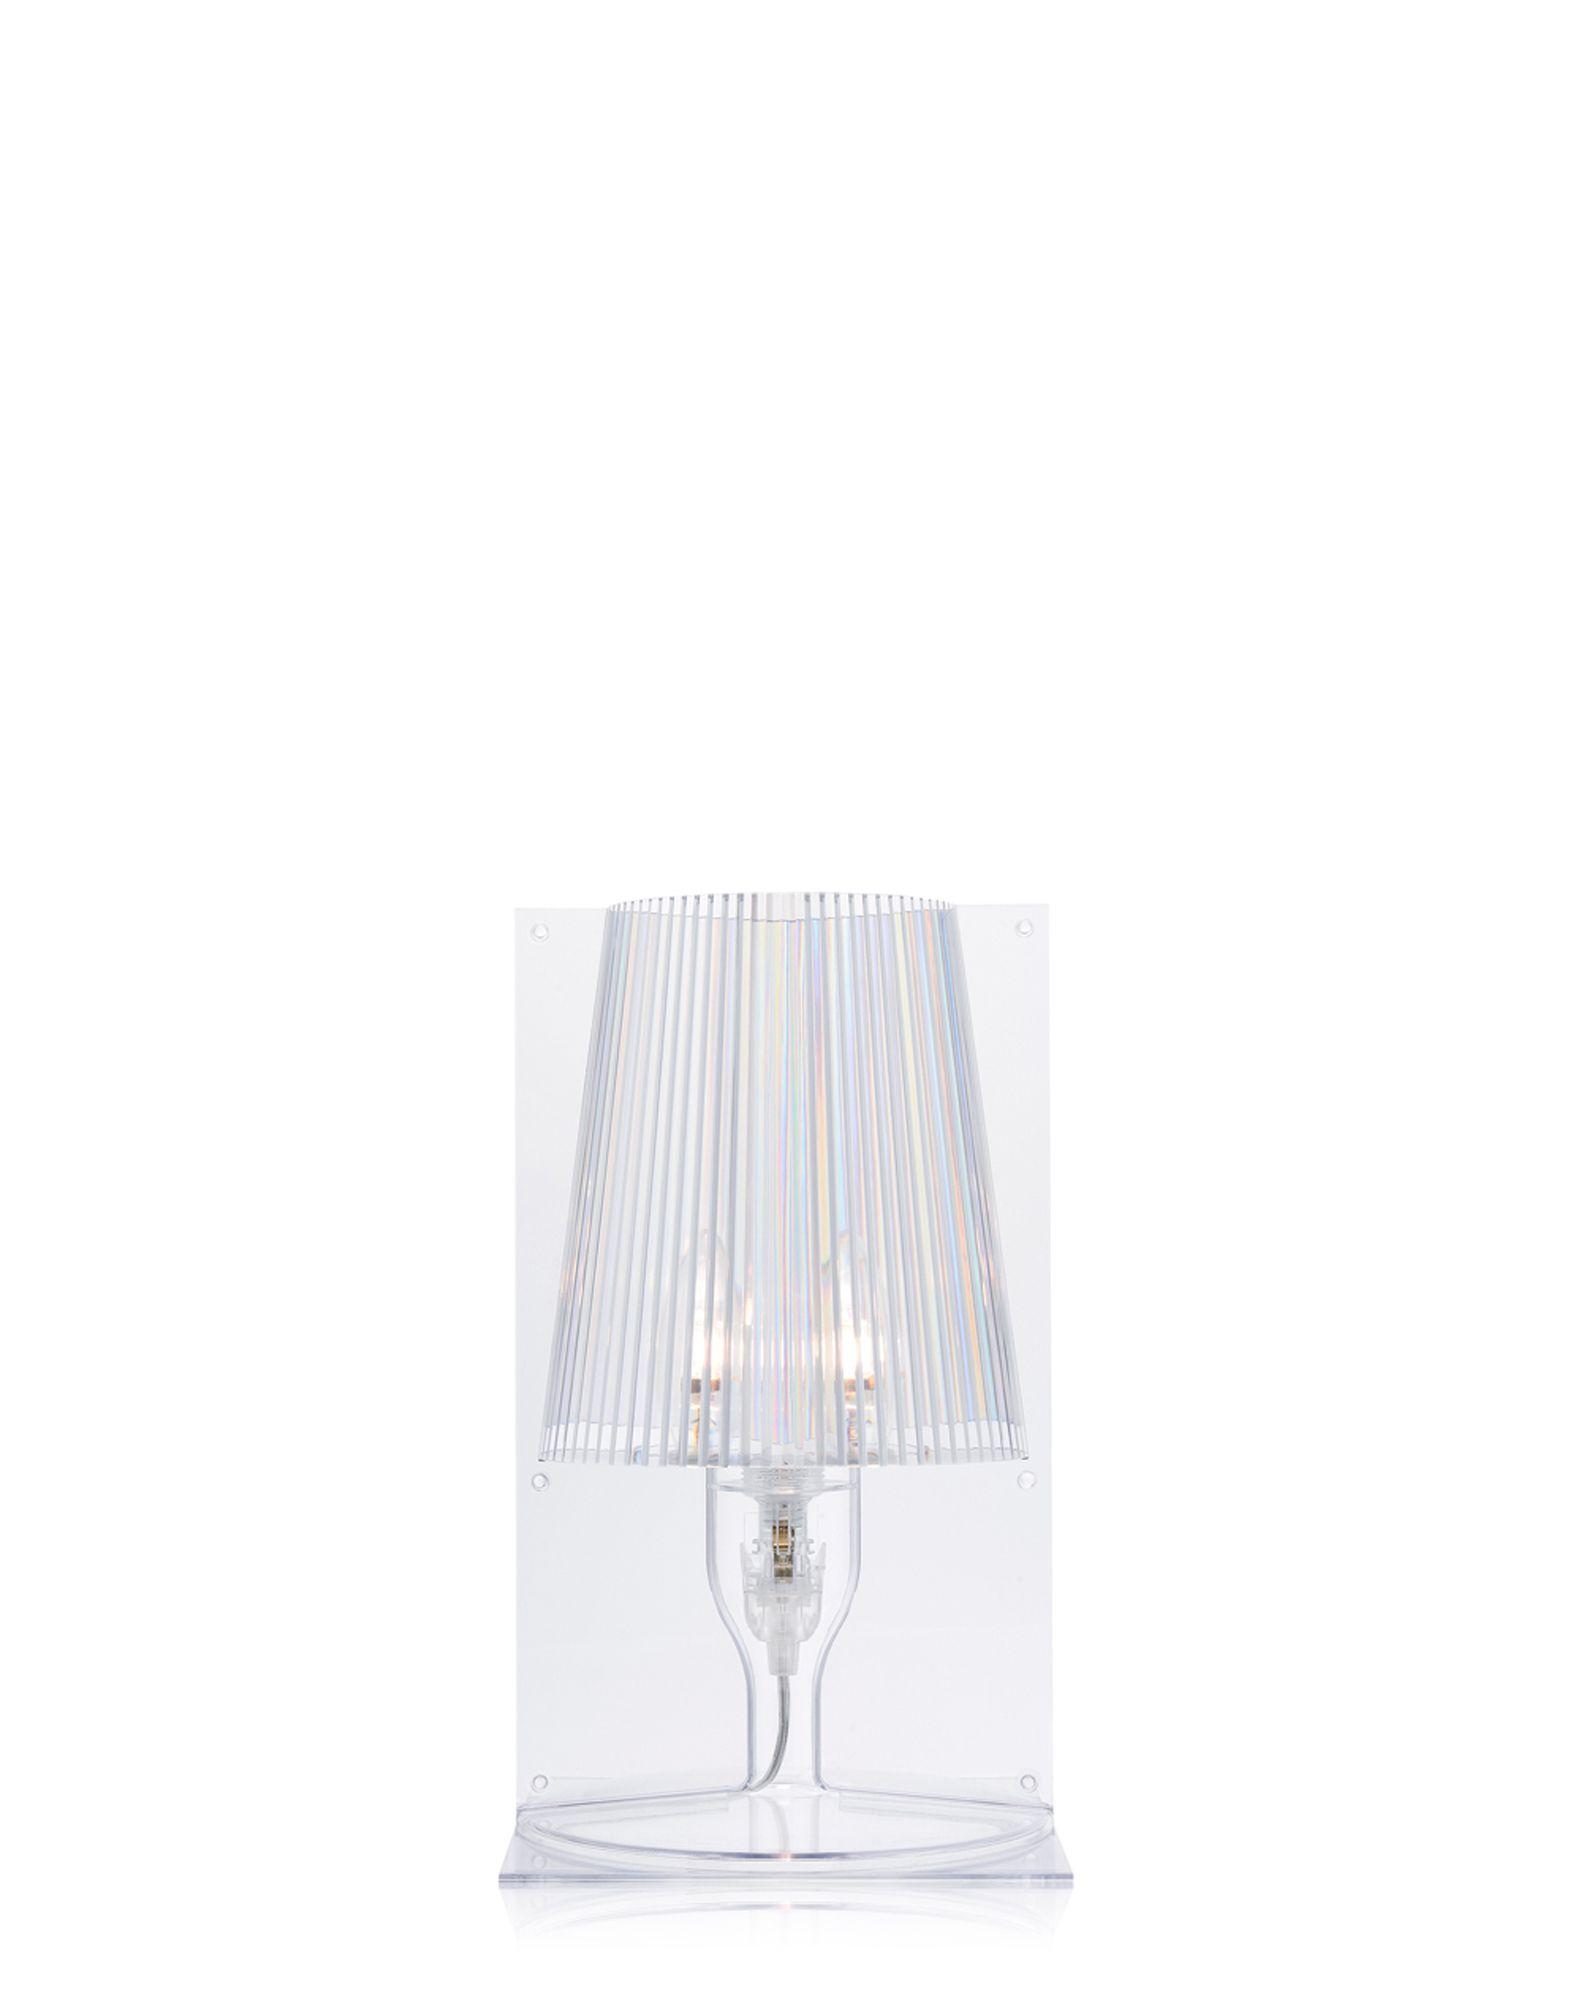 Kartell lampada da tavolo take cristallo newformsdesign - Lampade kartell da tavolo ...